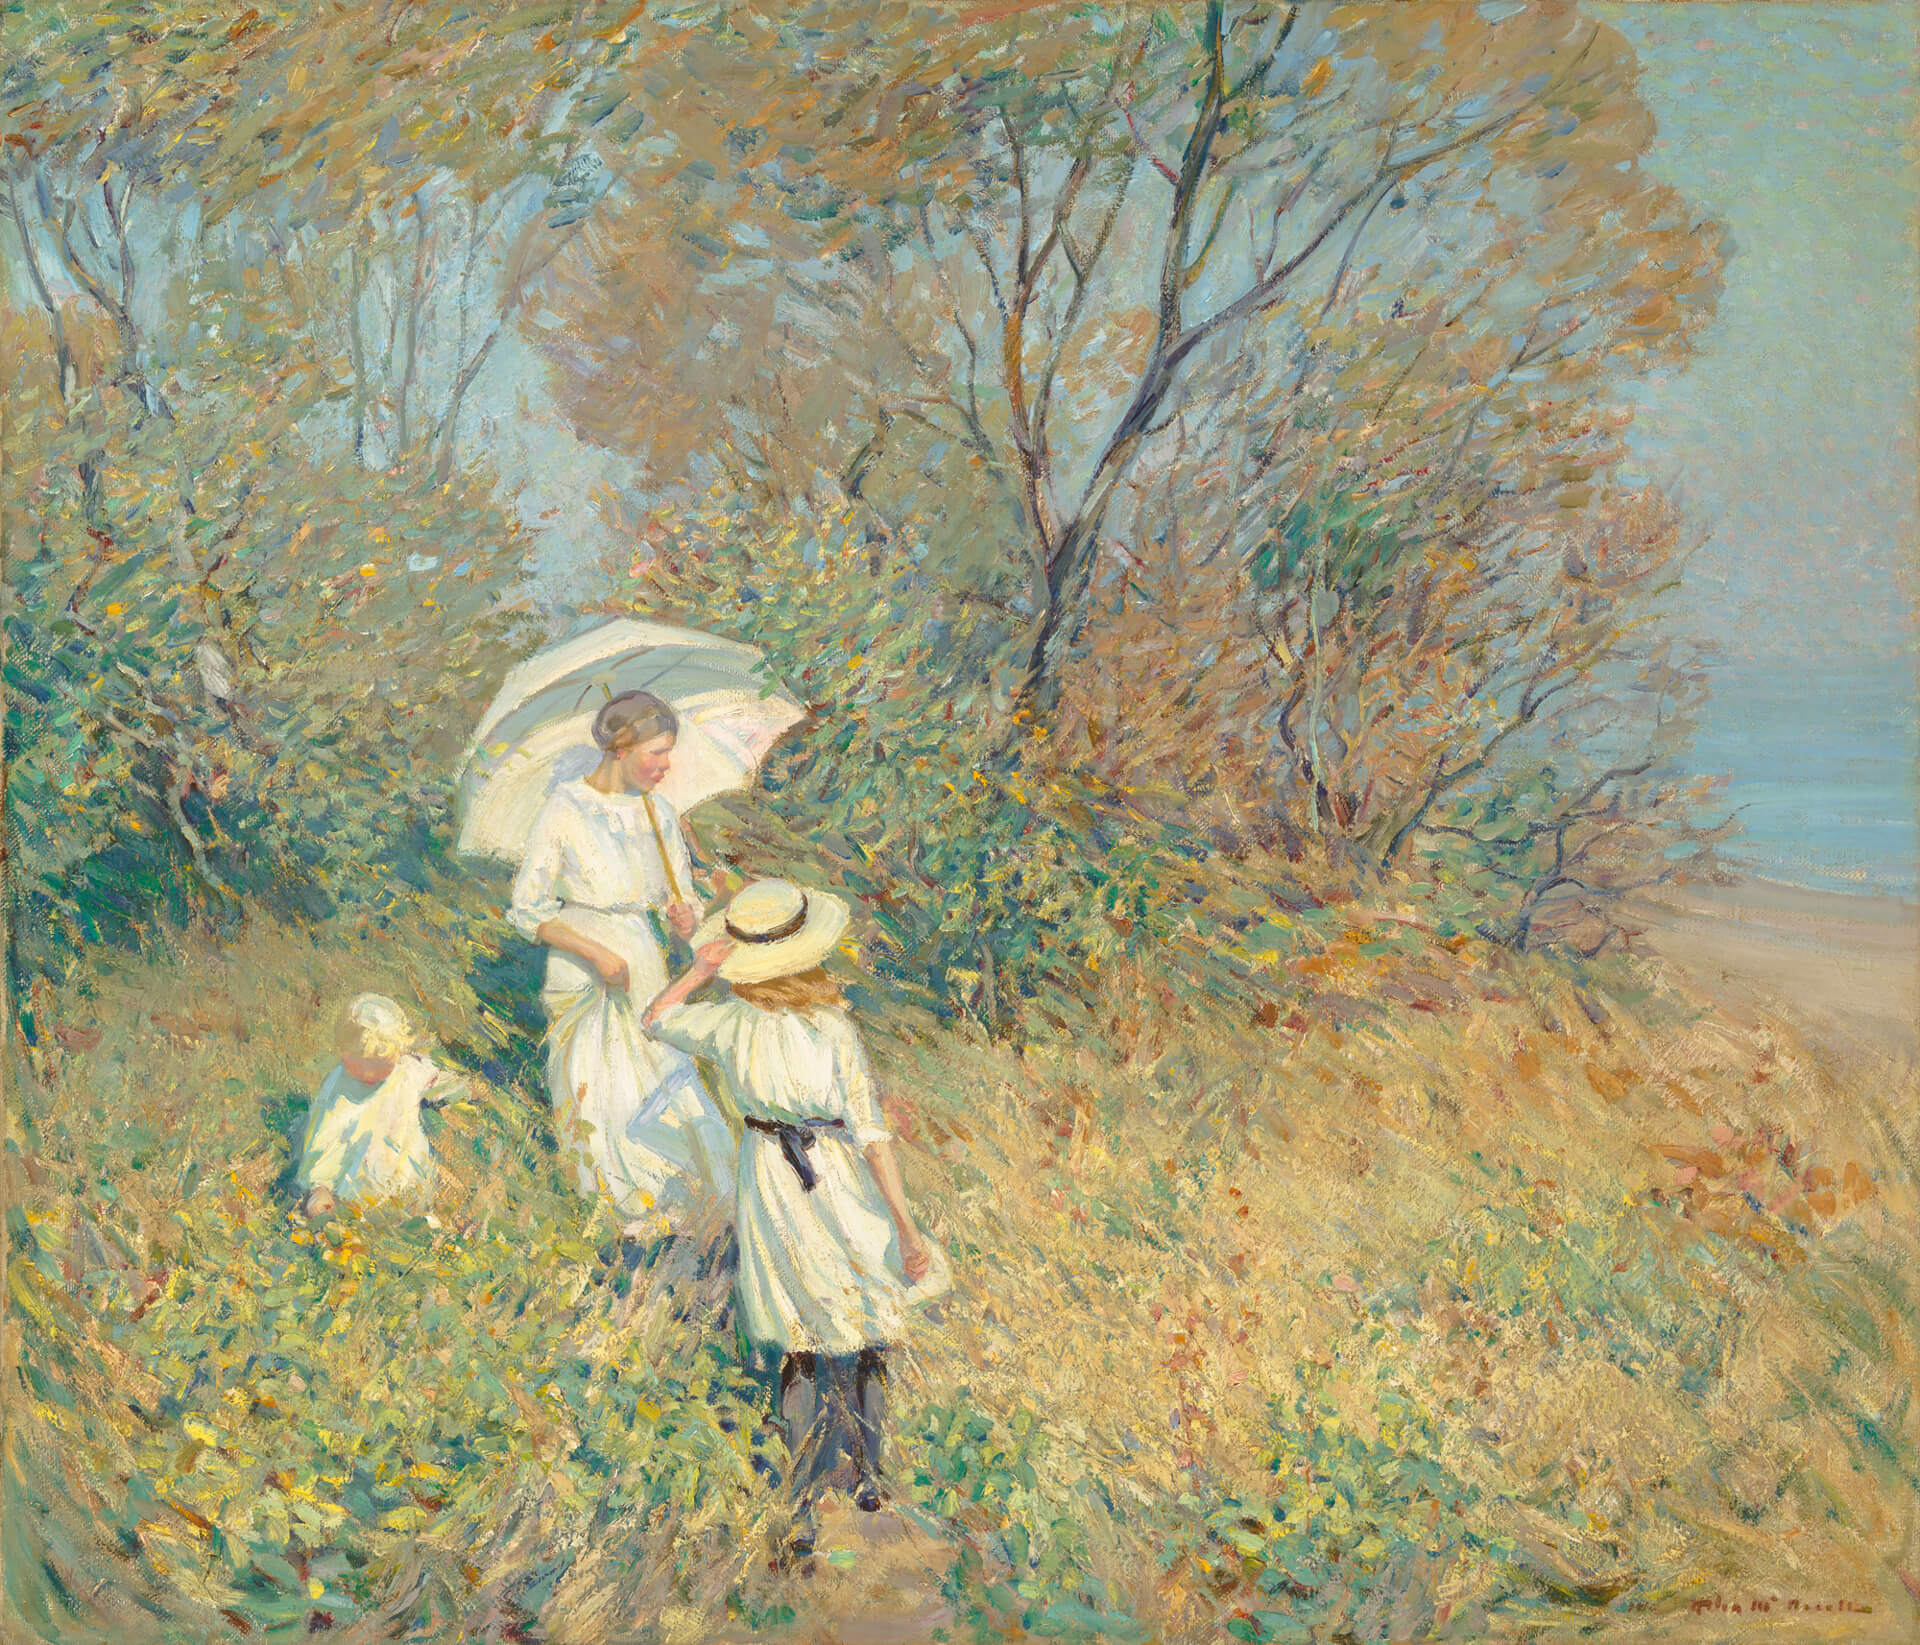 Helen McNicoll, Sunny September, 1913